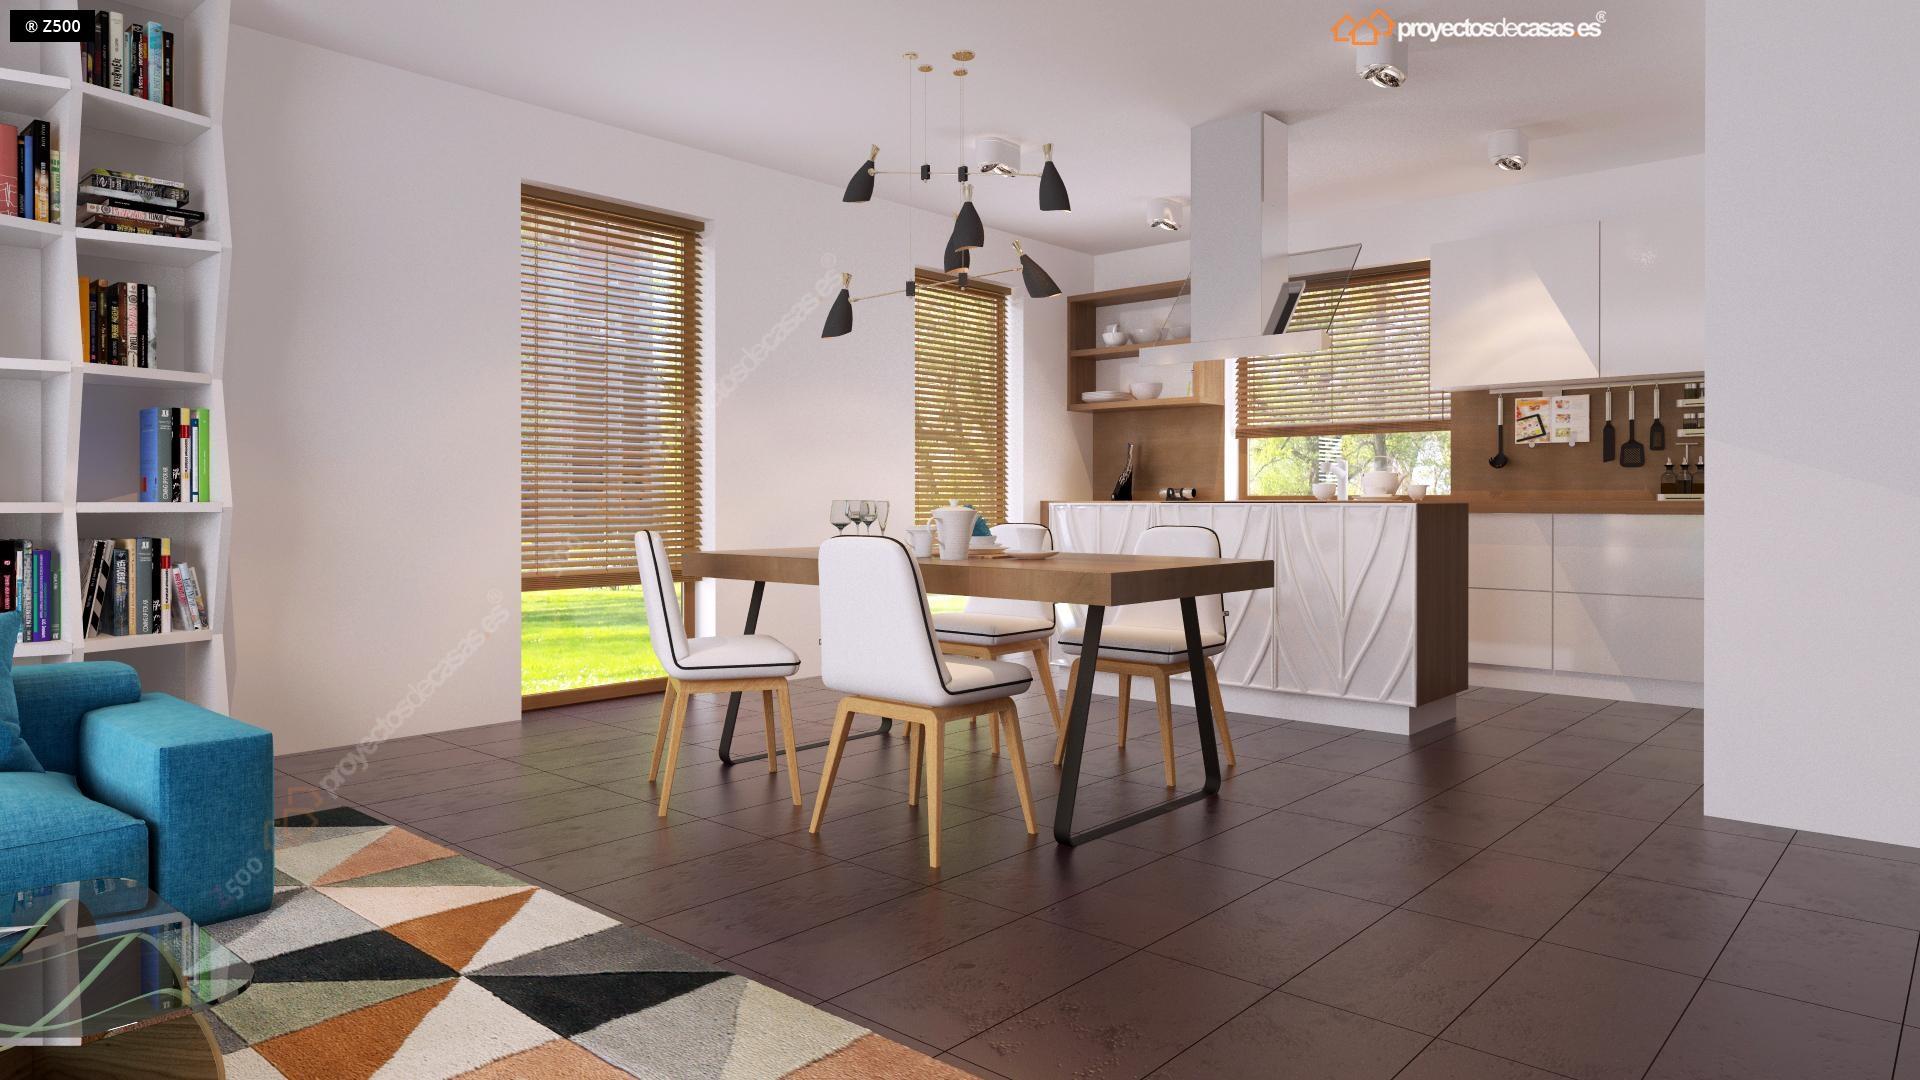 Proyectos de casas casa de dise o de 1 planta con - Diseno cocina pequena ...